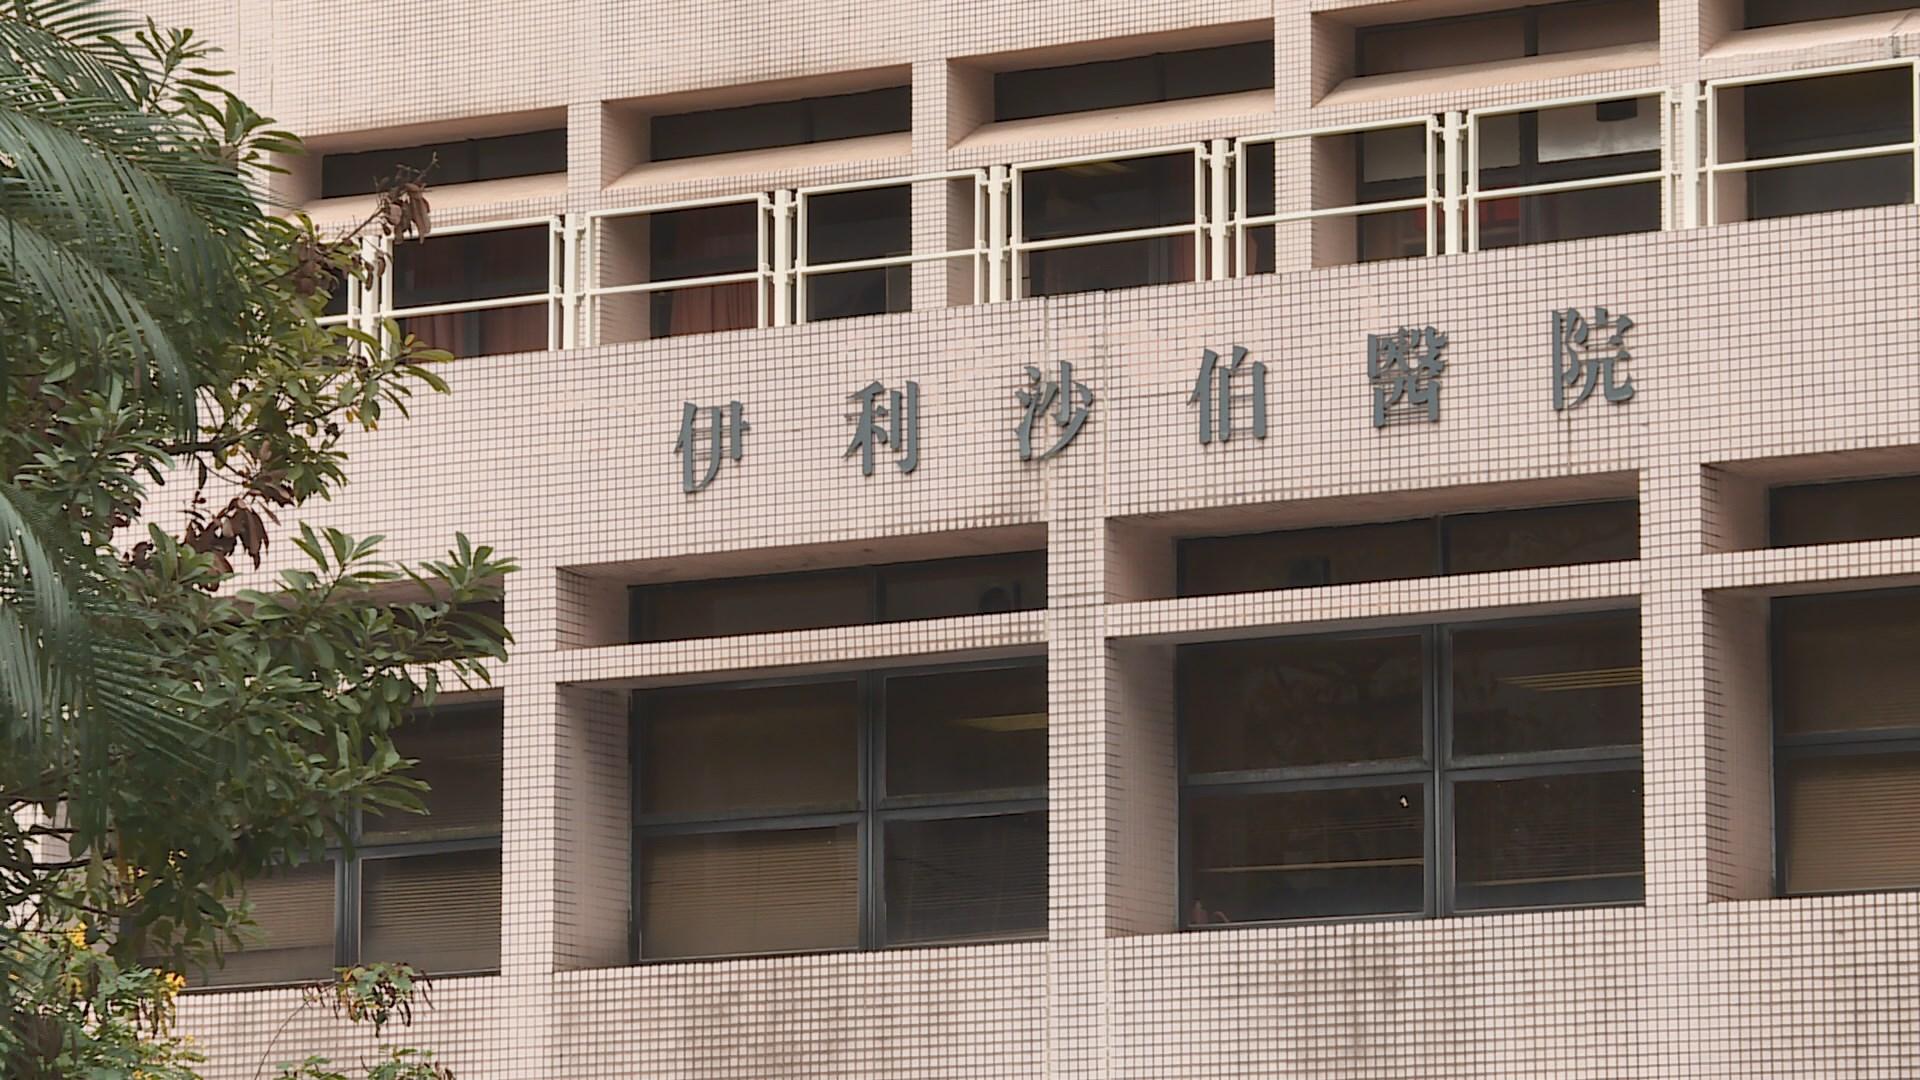 兩醫院警崗關閉 警方指屬臨時措施